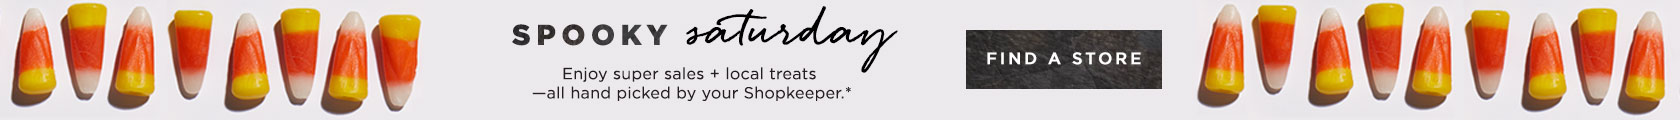 Spooky Saturday - Enjoy Super Sales + Local Treats